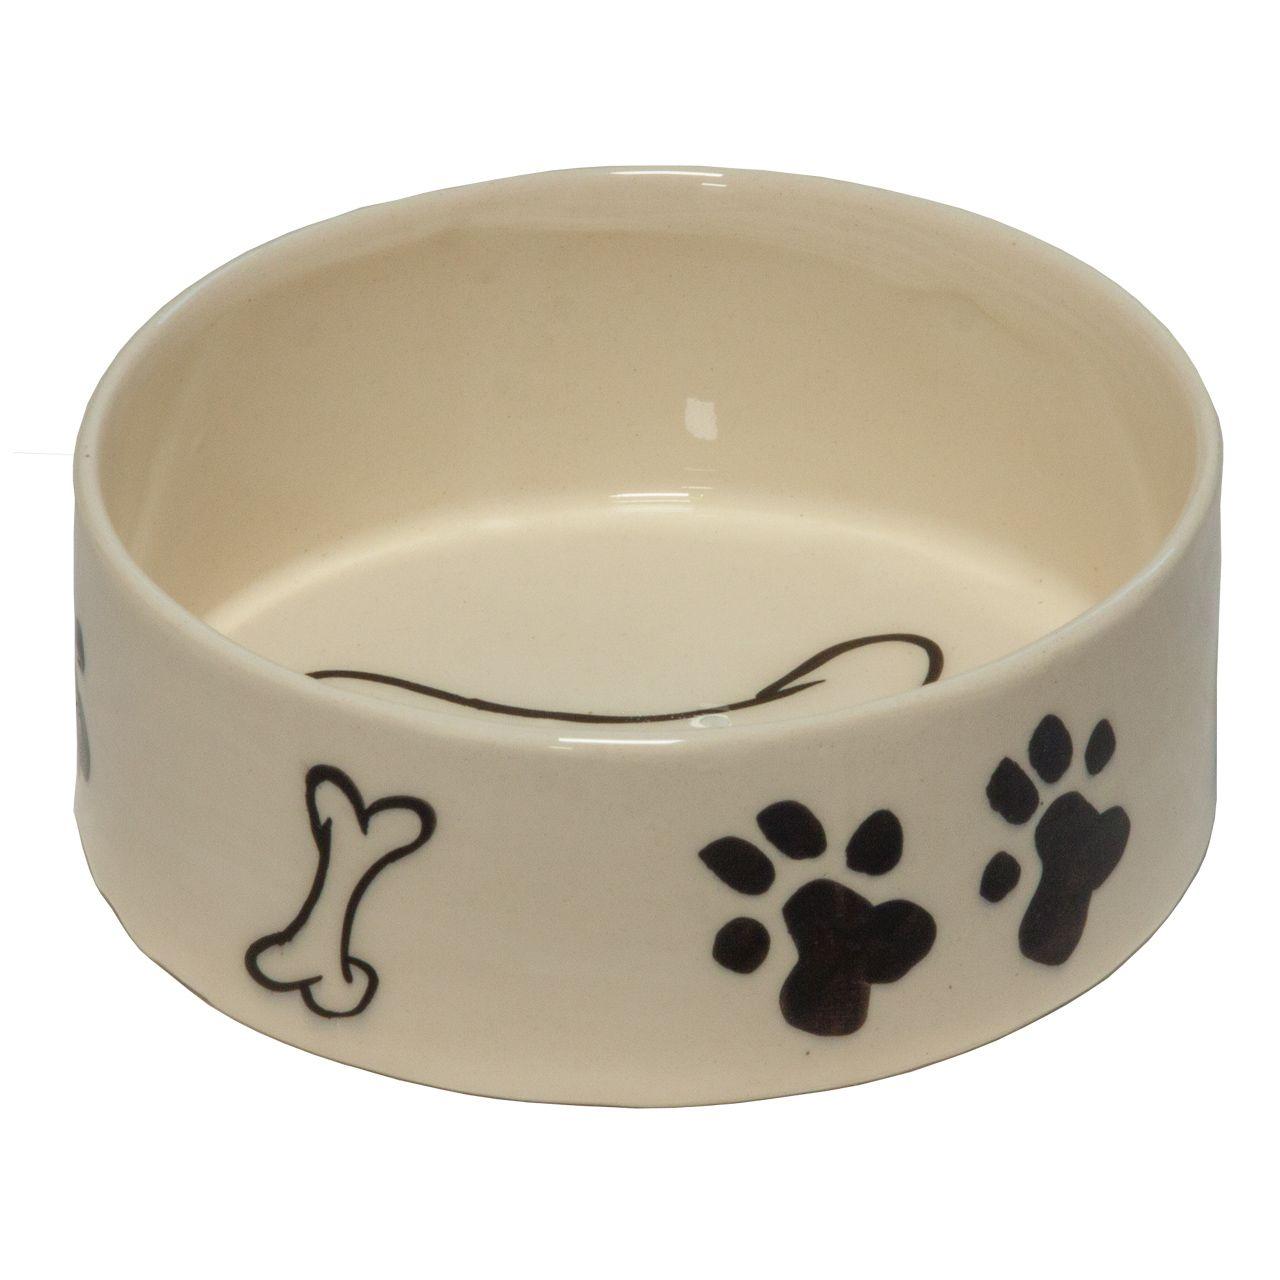 ظرف آب و غذای سگ مدل AH06